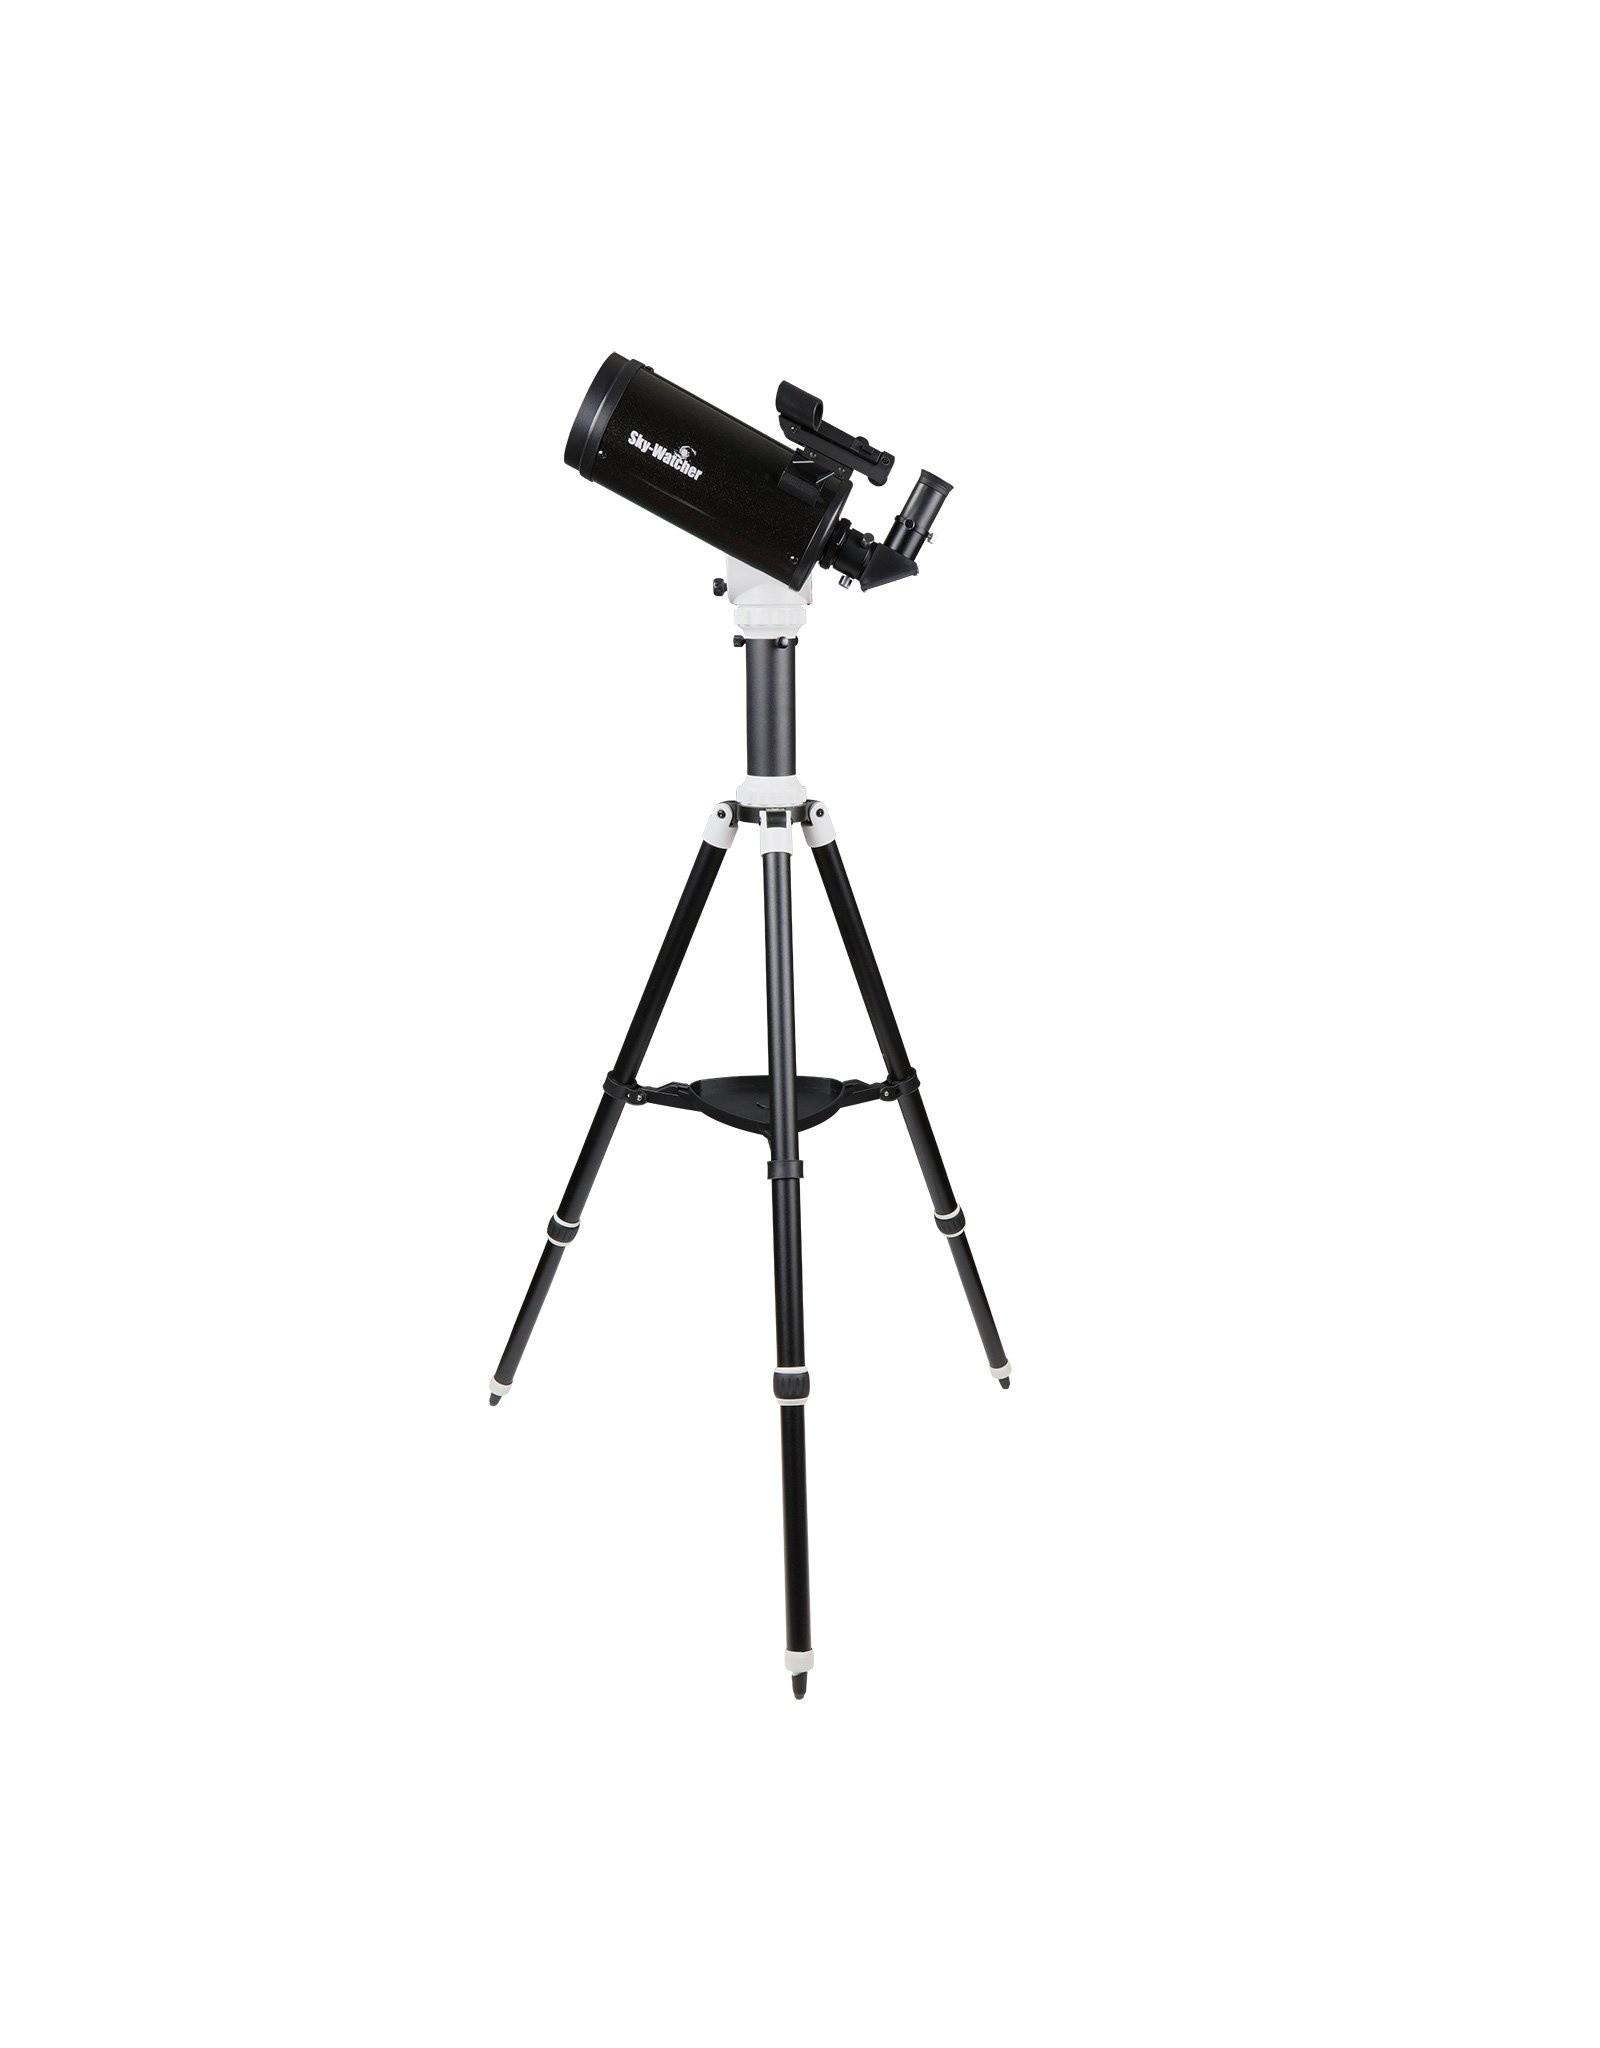 Celestron Skywatcher SkyMax 102 AZ-Gti